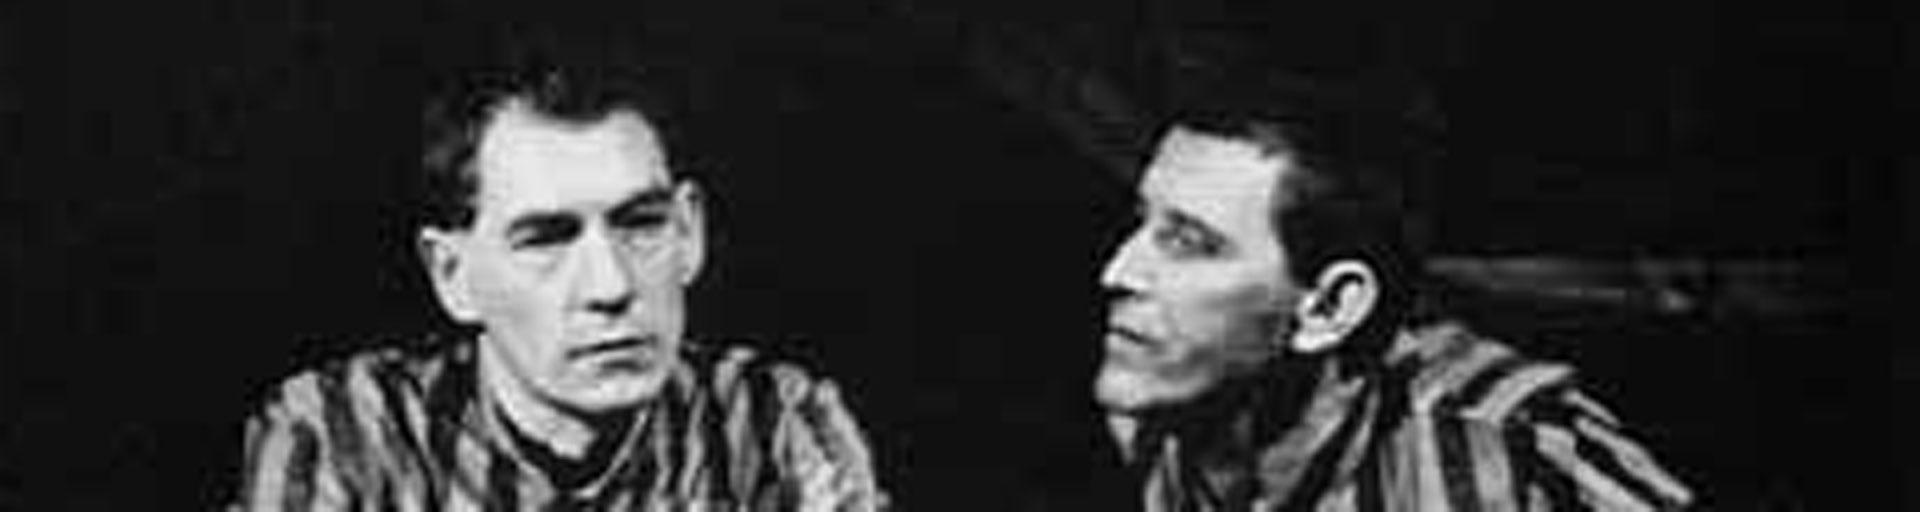 BENT (1979) with Ian McKellen